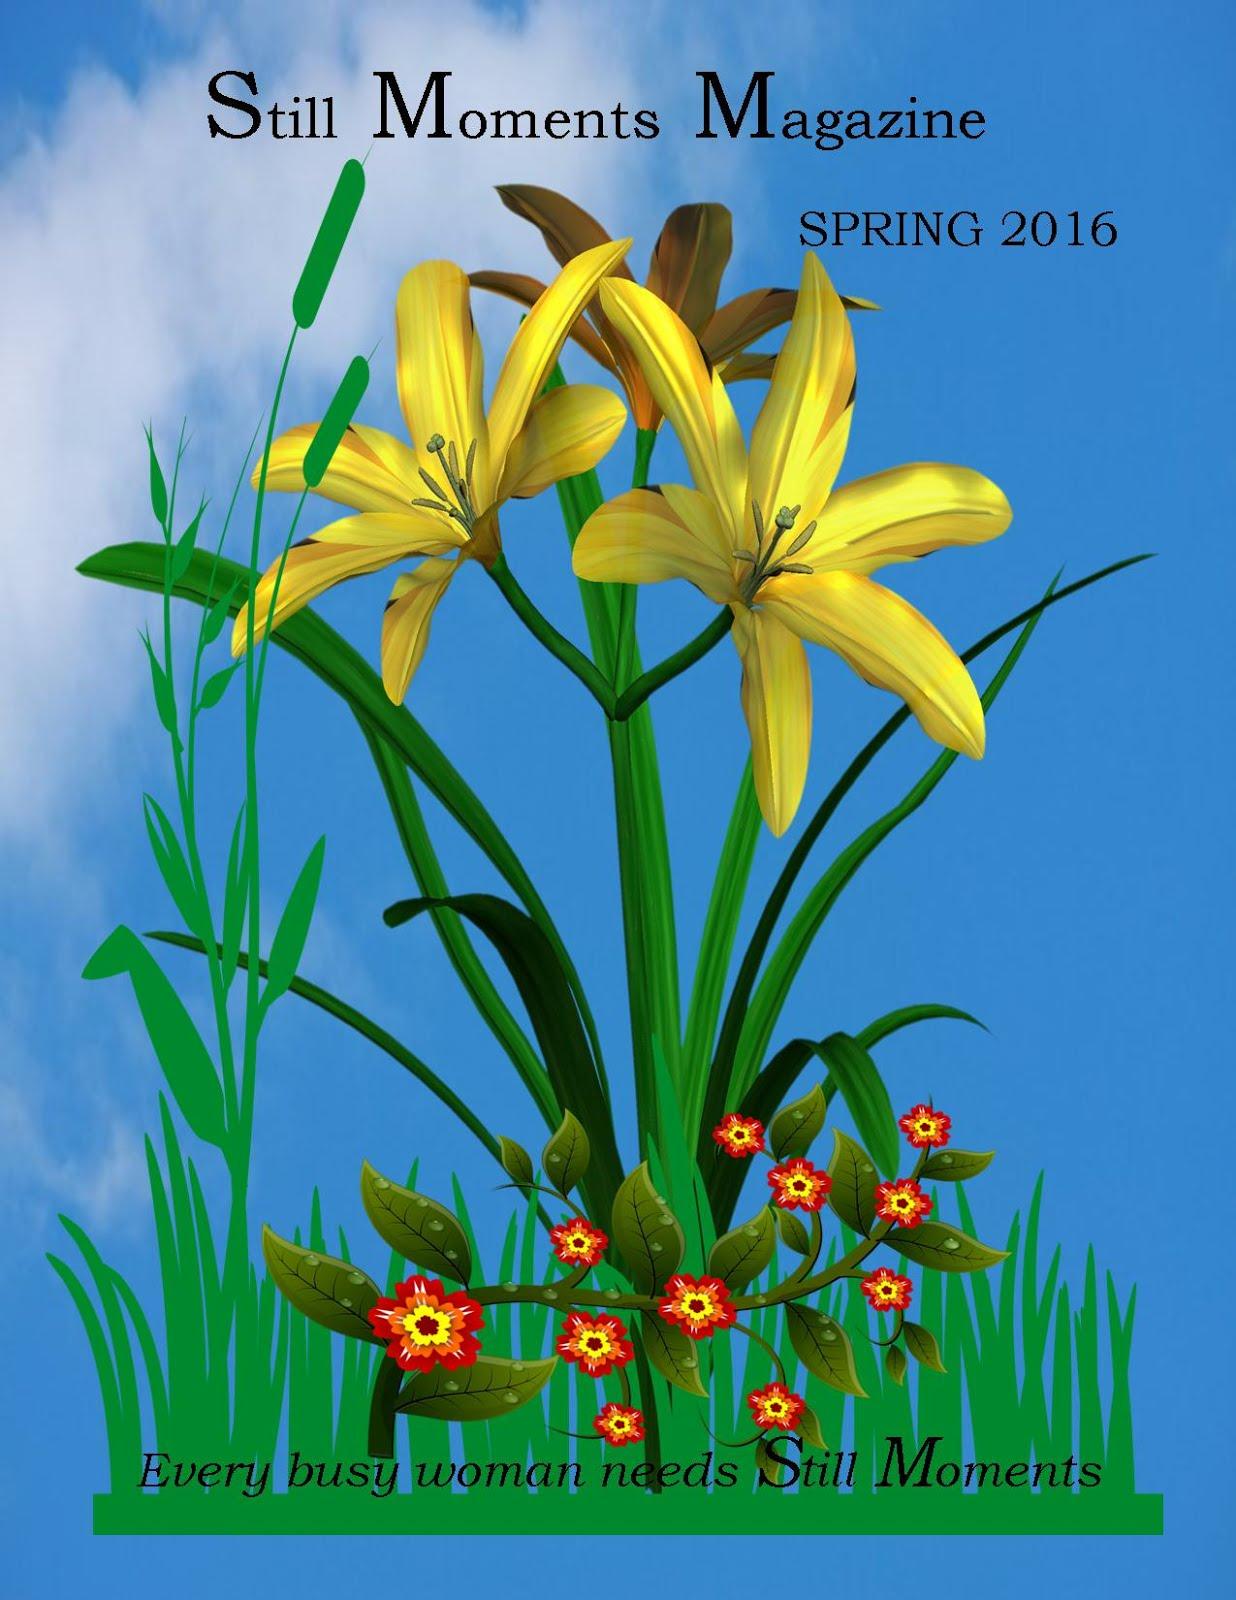 Spring 2016